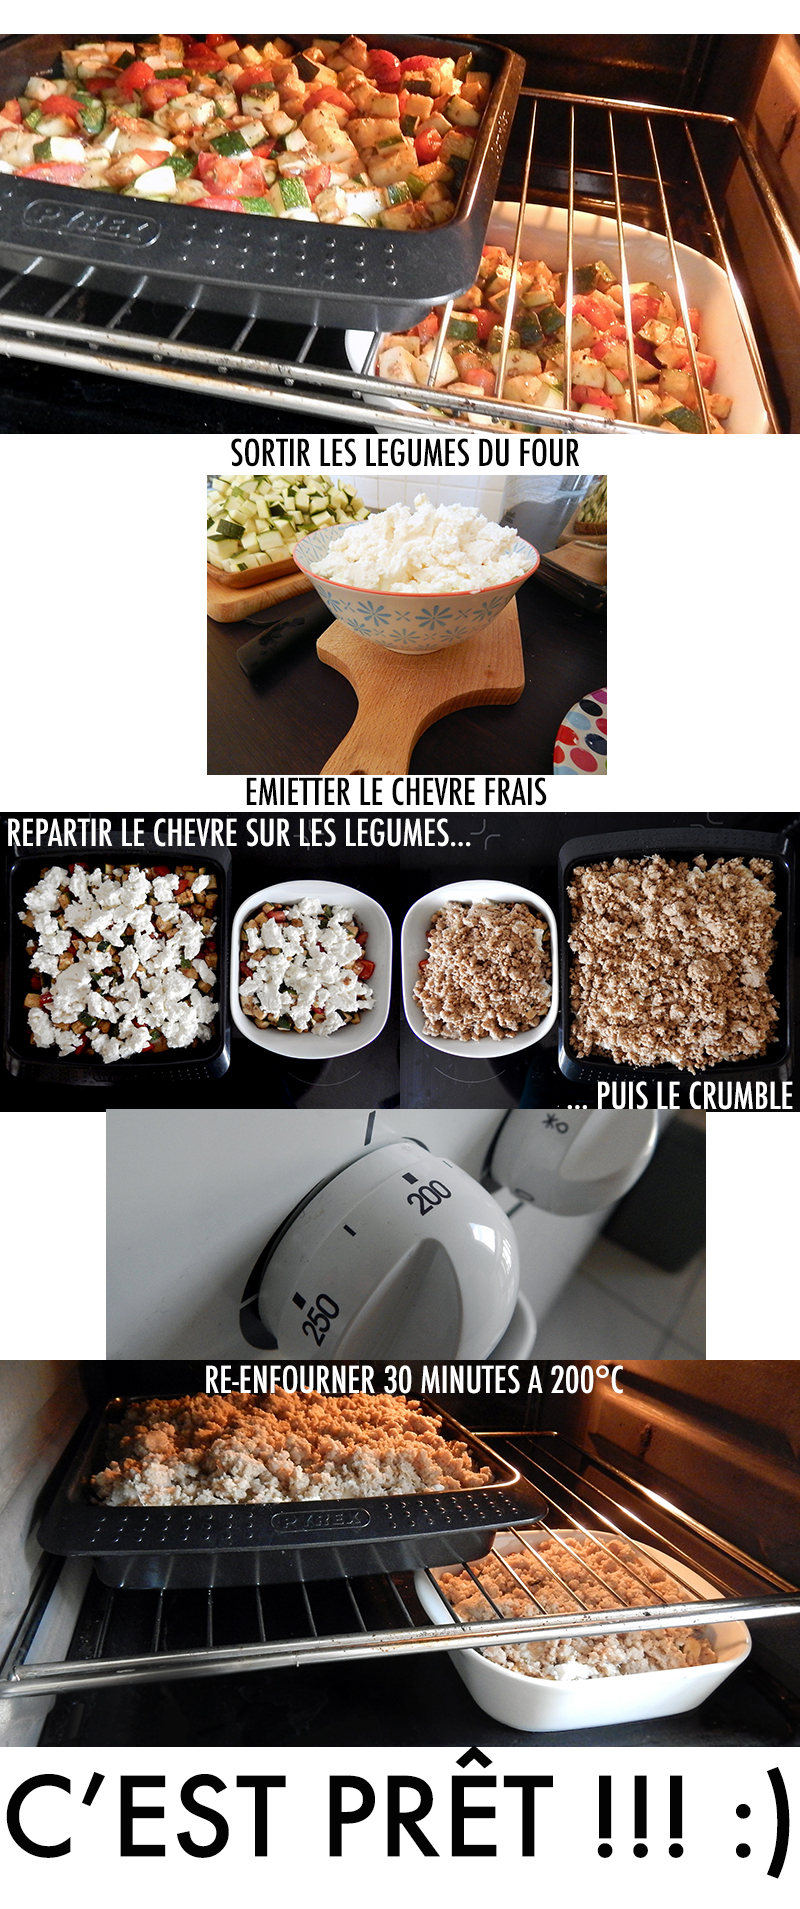 recette3